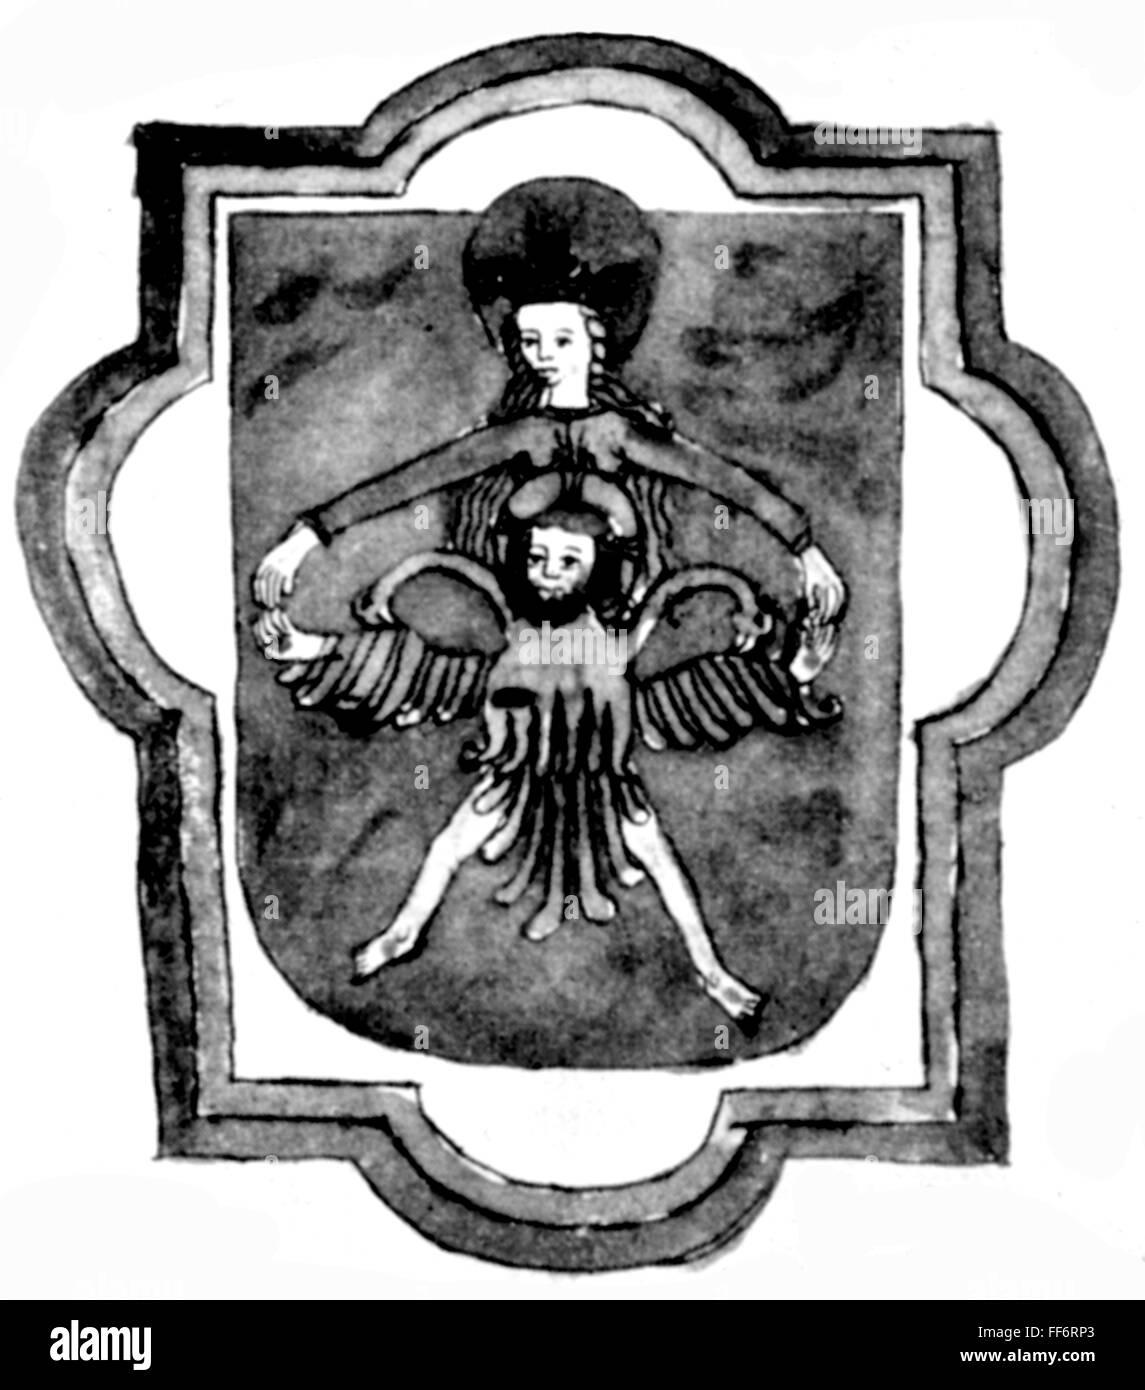 L'alchimie, pour le mercure, symbole alchimique, miniature, manuscrit du 16e siècle, Bibliothèque cantonale Valdiana, Banque D'Images